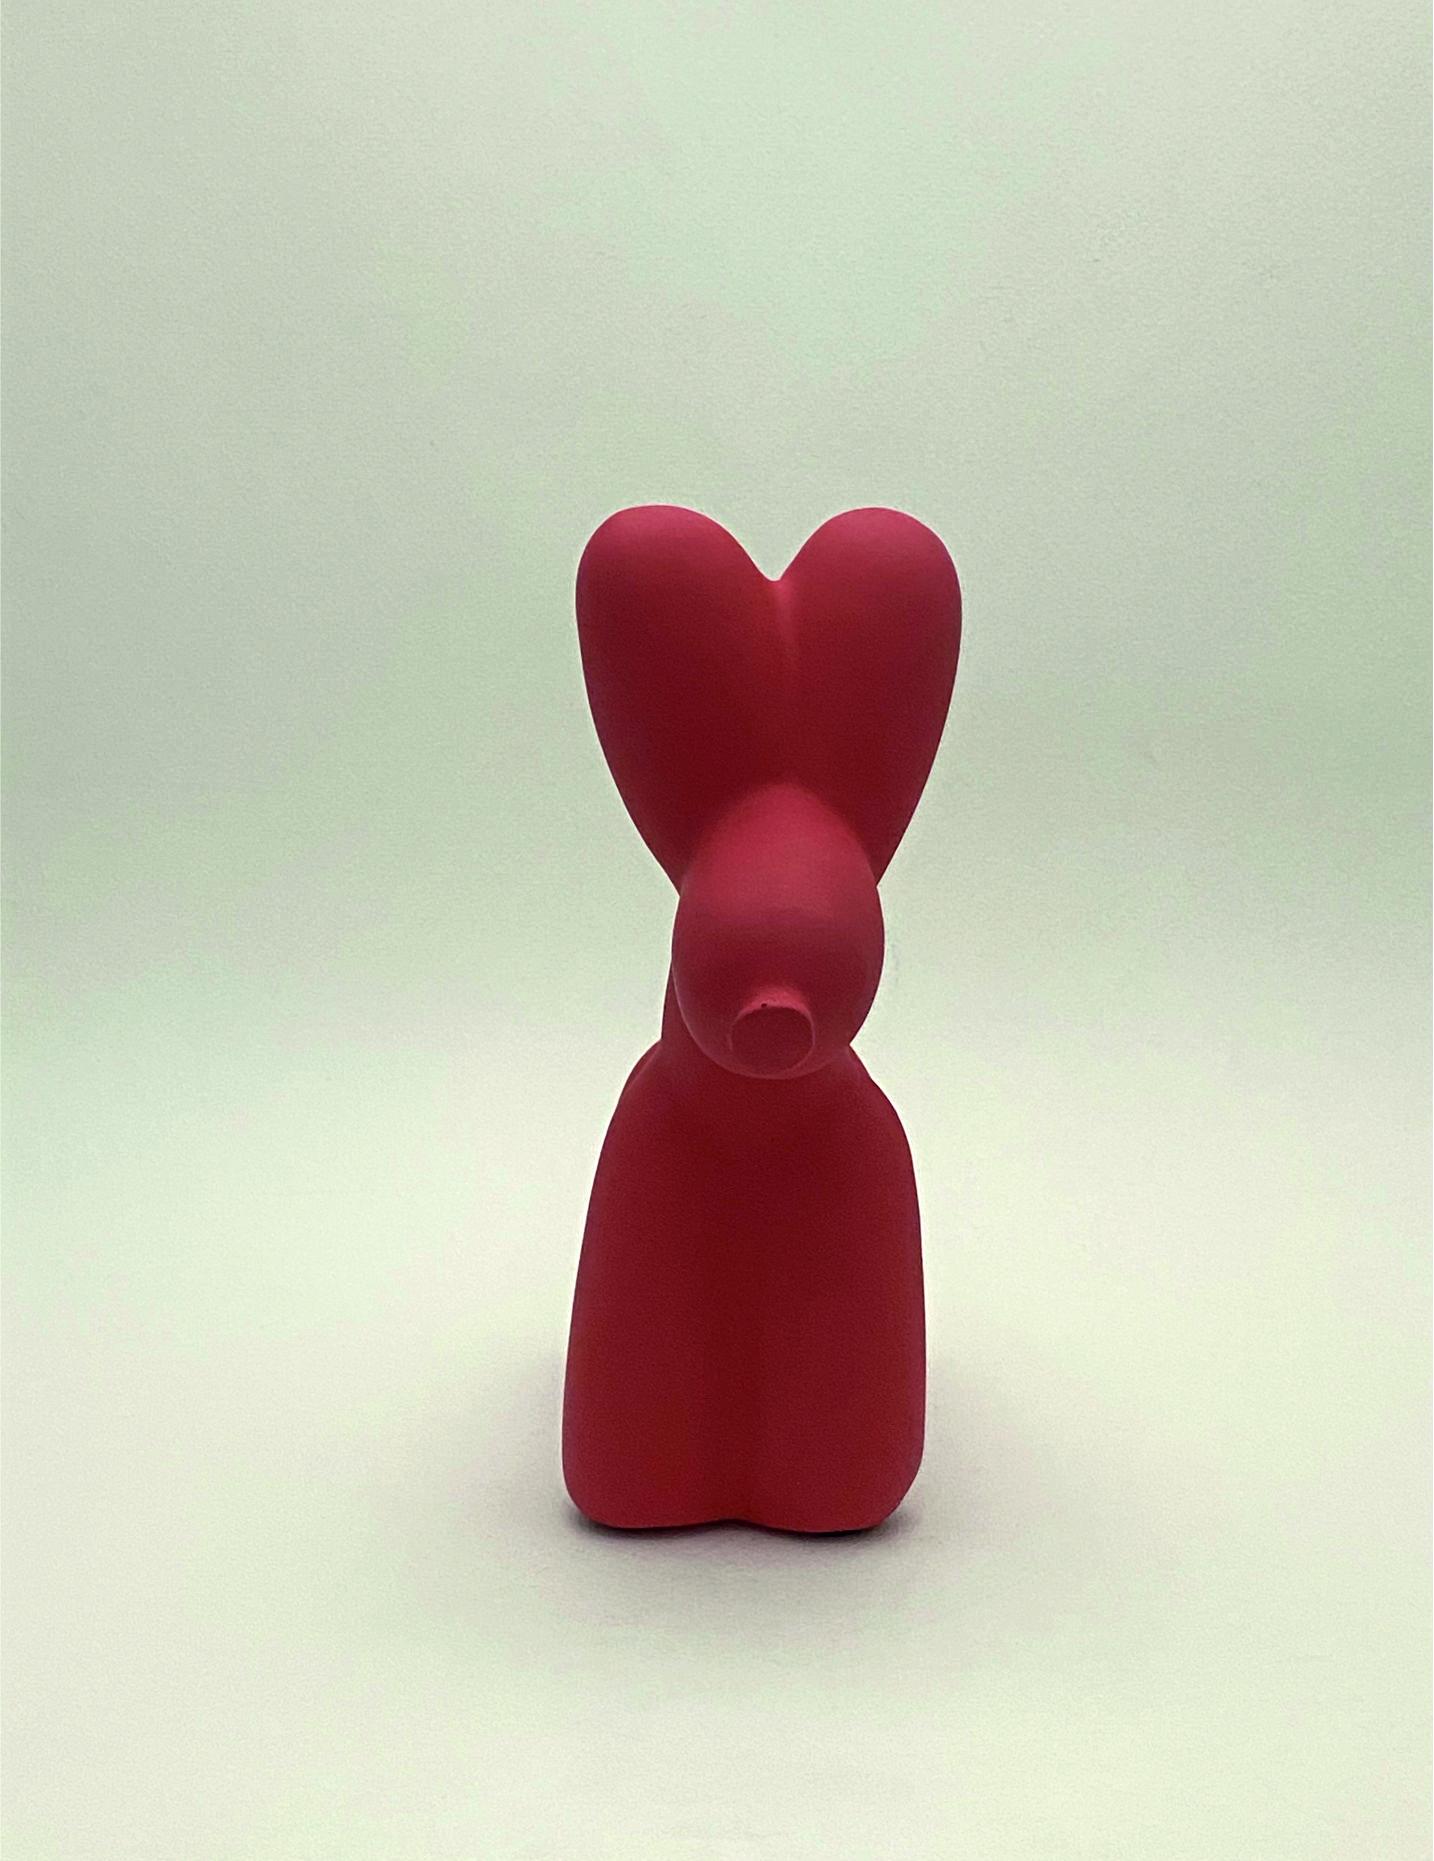 Perro globo mate_L619 frente rojo